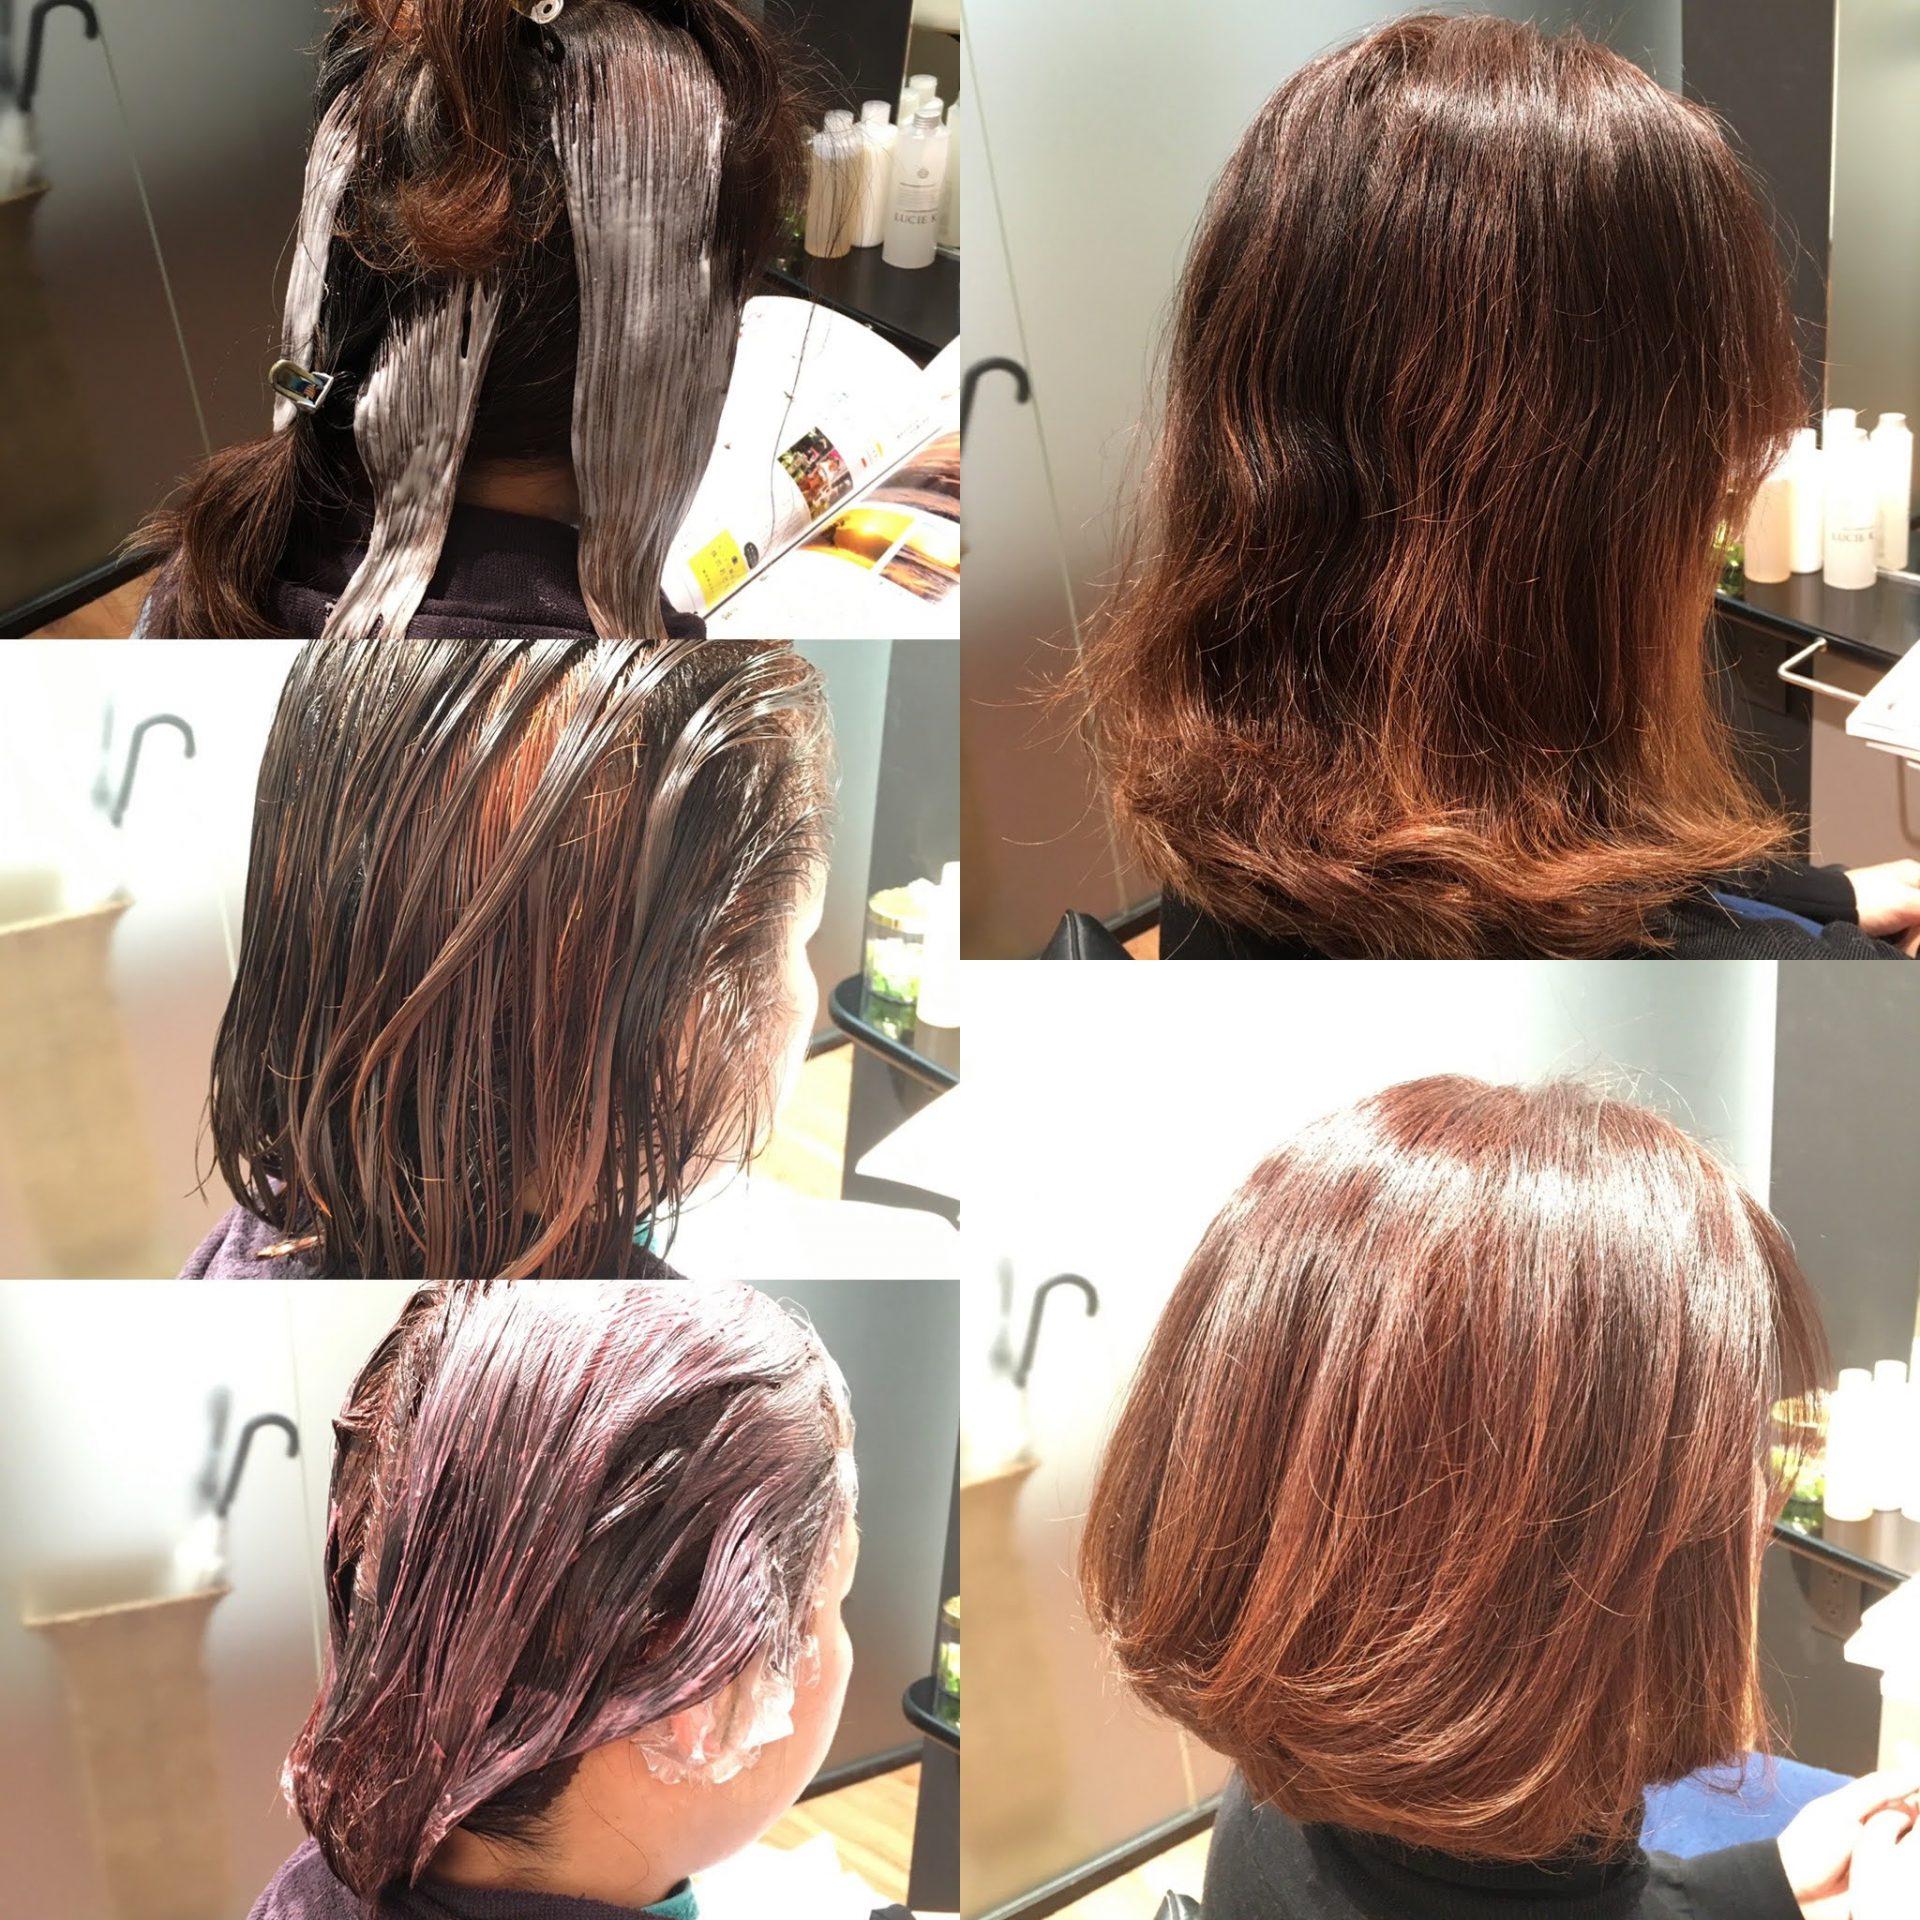 ちょっとしたアクセントでヘアカラー&ヘアスタイルを楽しく!FEEL美髪カラー&ブリーチ1国立市FEEL Hair